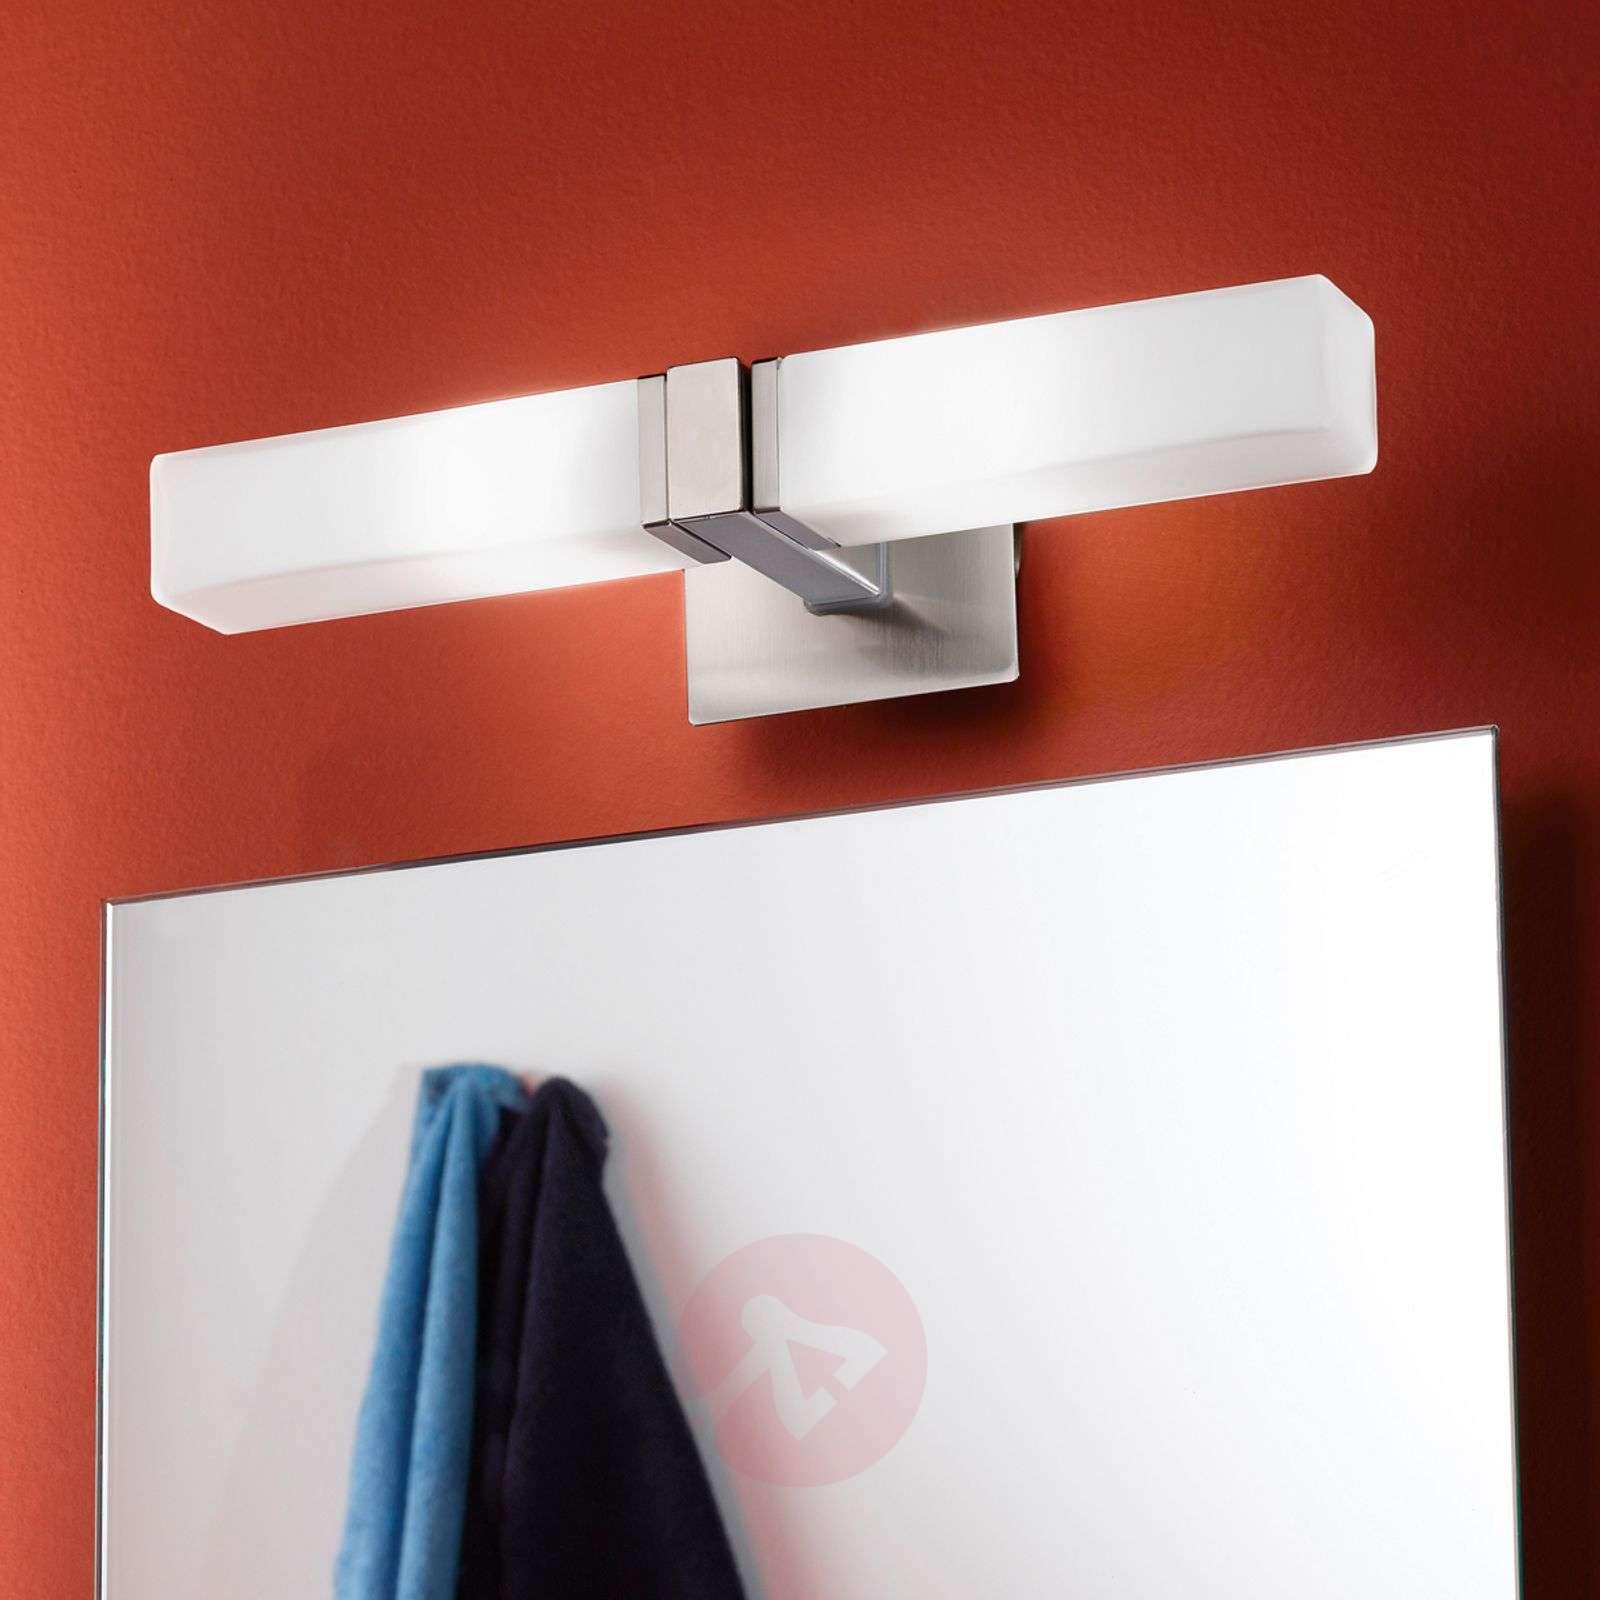 Palermo-seinävalaisin moderniin kylpyhuoneeseen-3001945-02